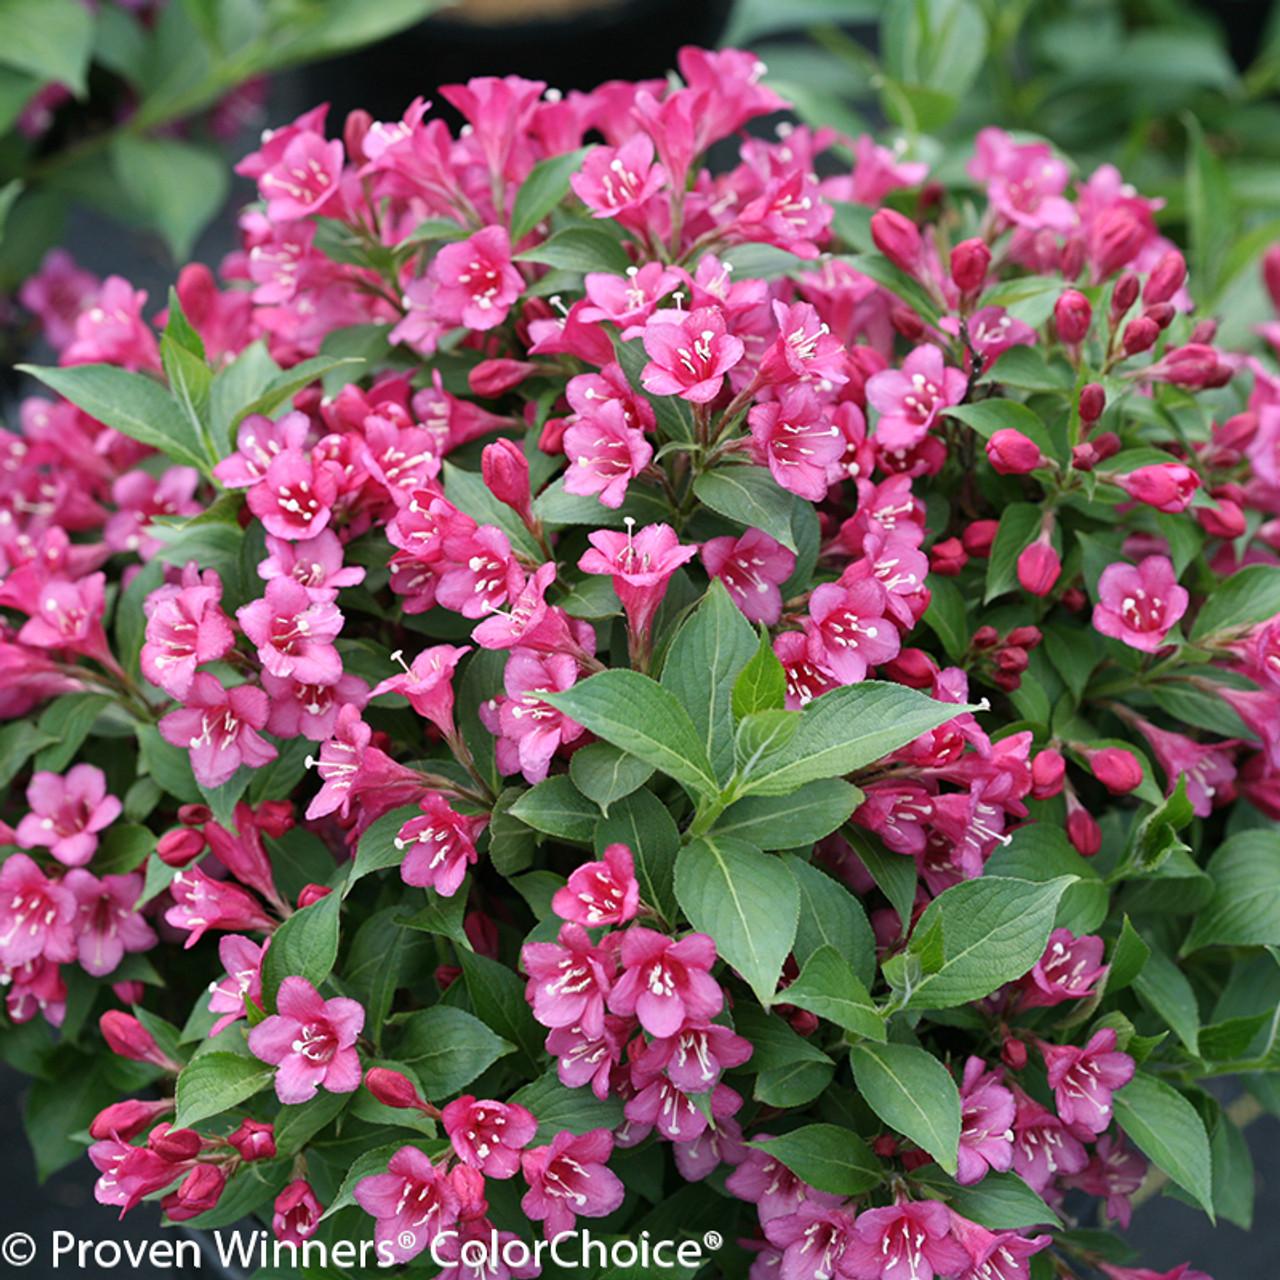 Snippet dark pink weigela plant addicts snippet dark pink weigela with pink flowers and green leaves mightylinksfo